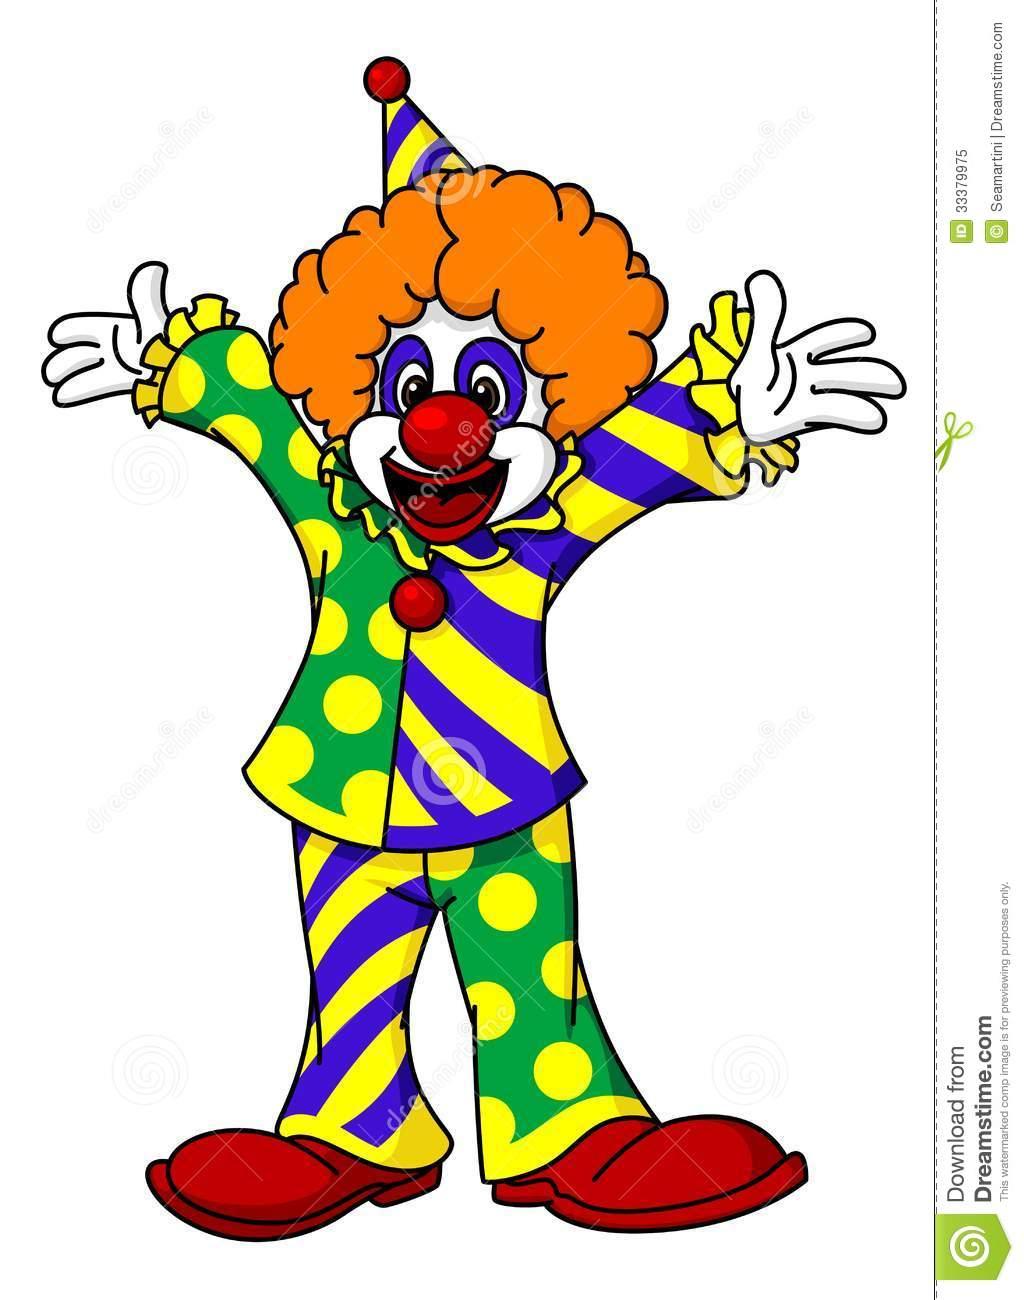 Circus joker clipart free Circus Clown Clipart - Clipart Kid free